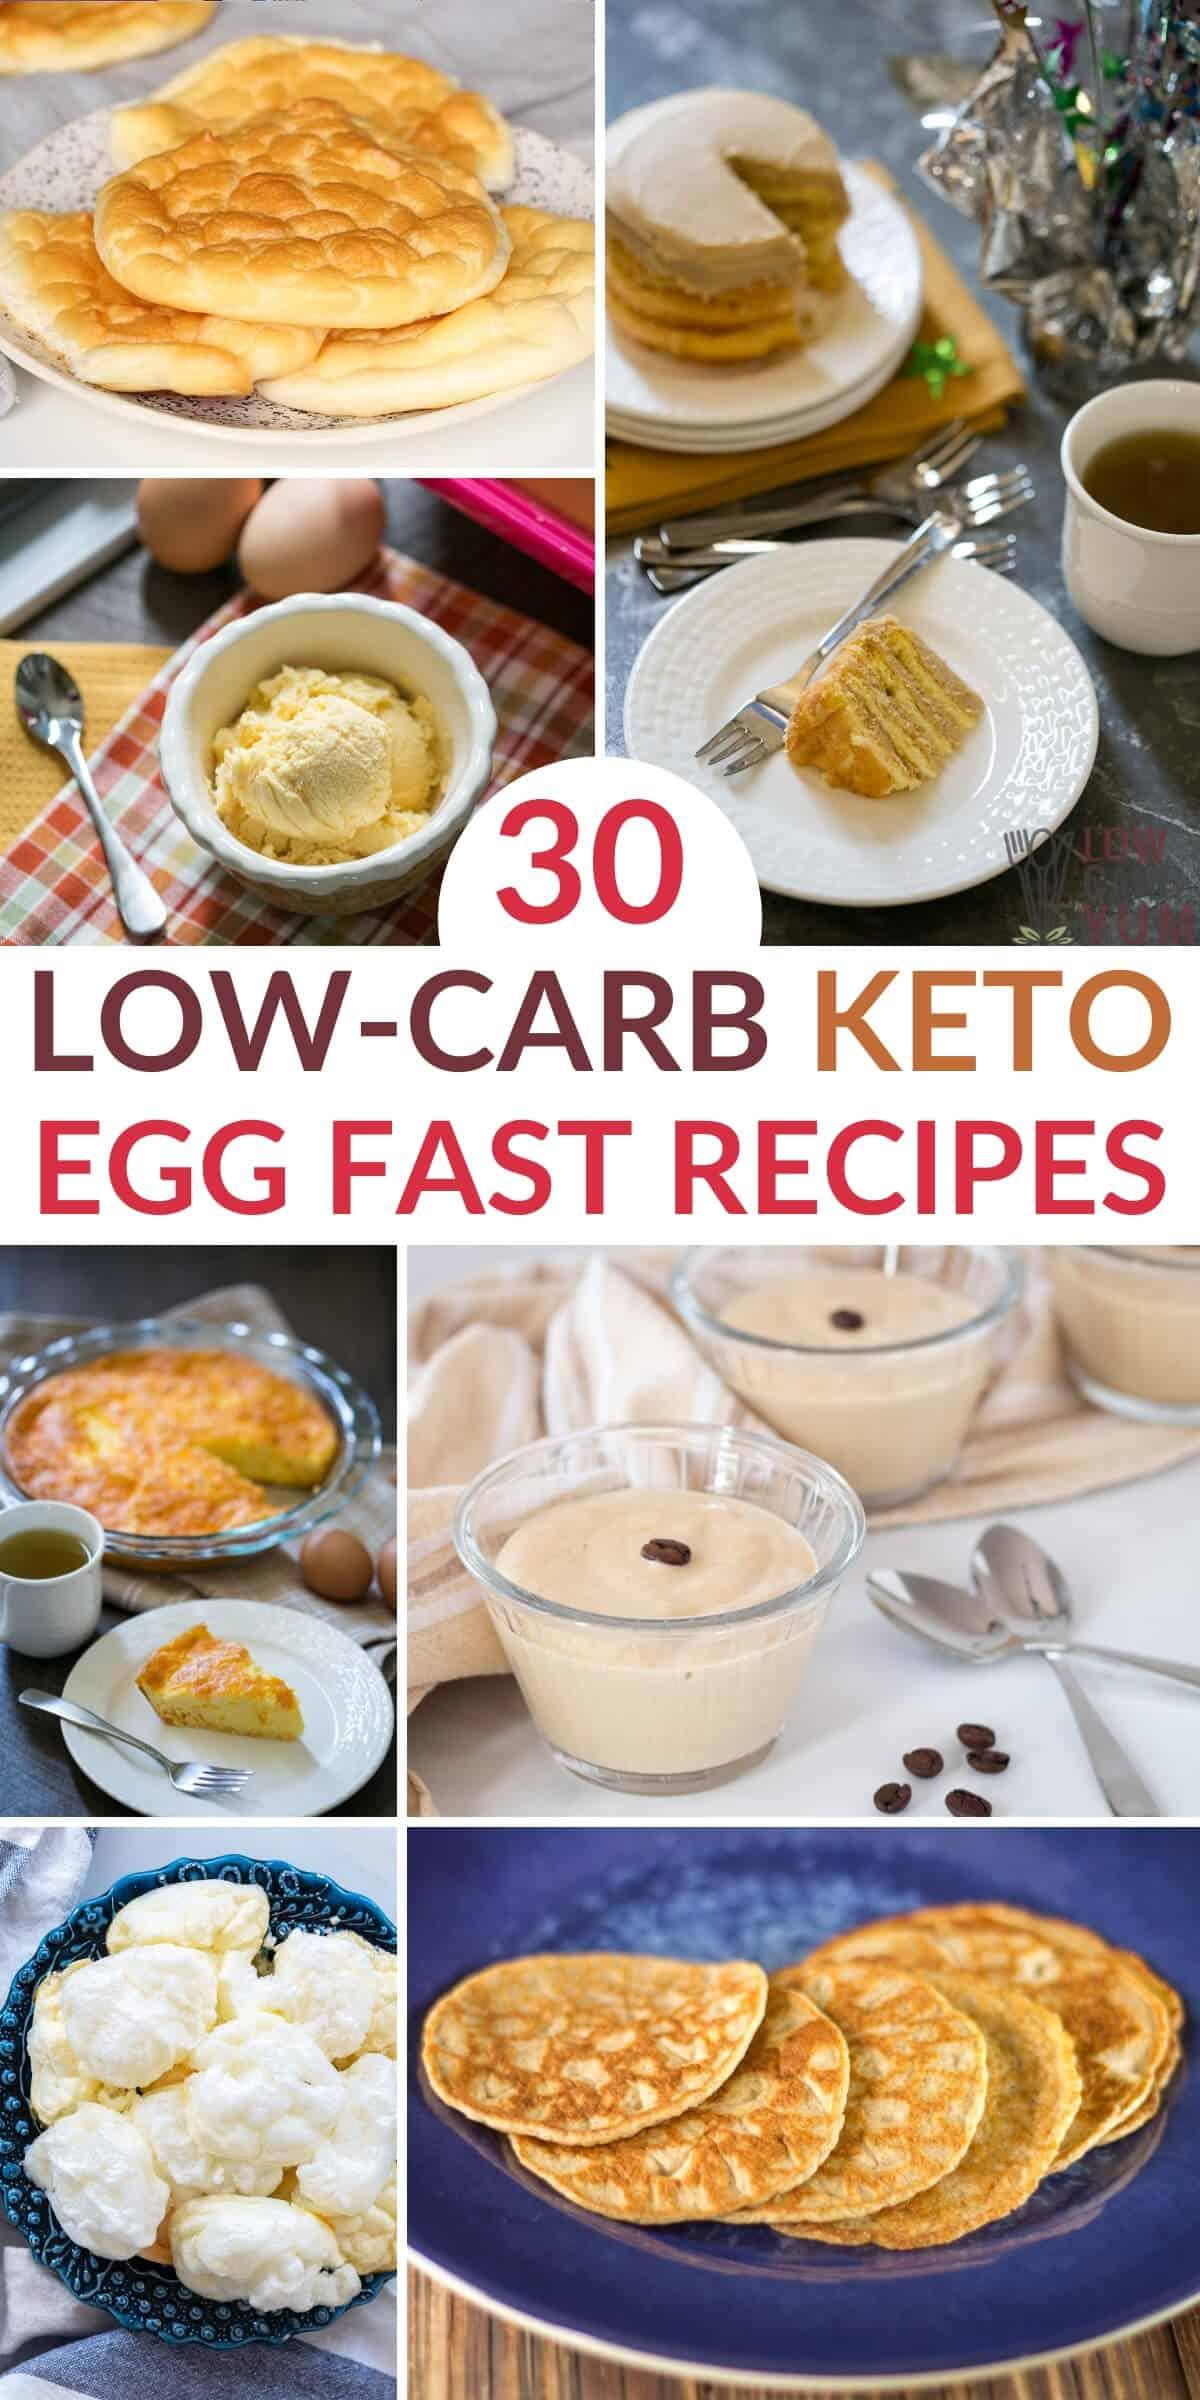 keto egg fast diet recipes pinterest image